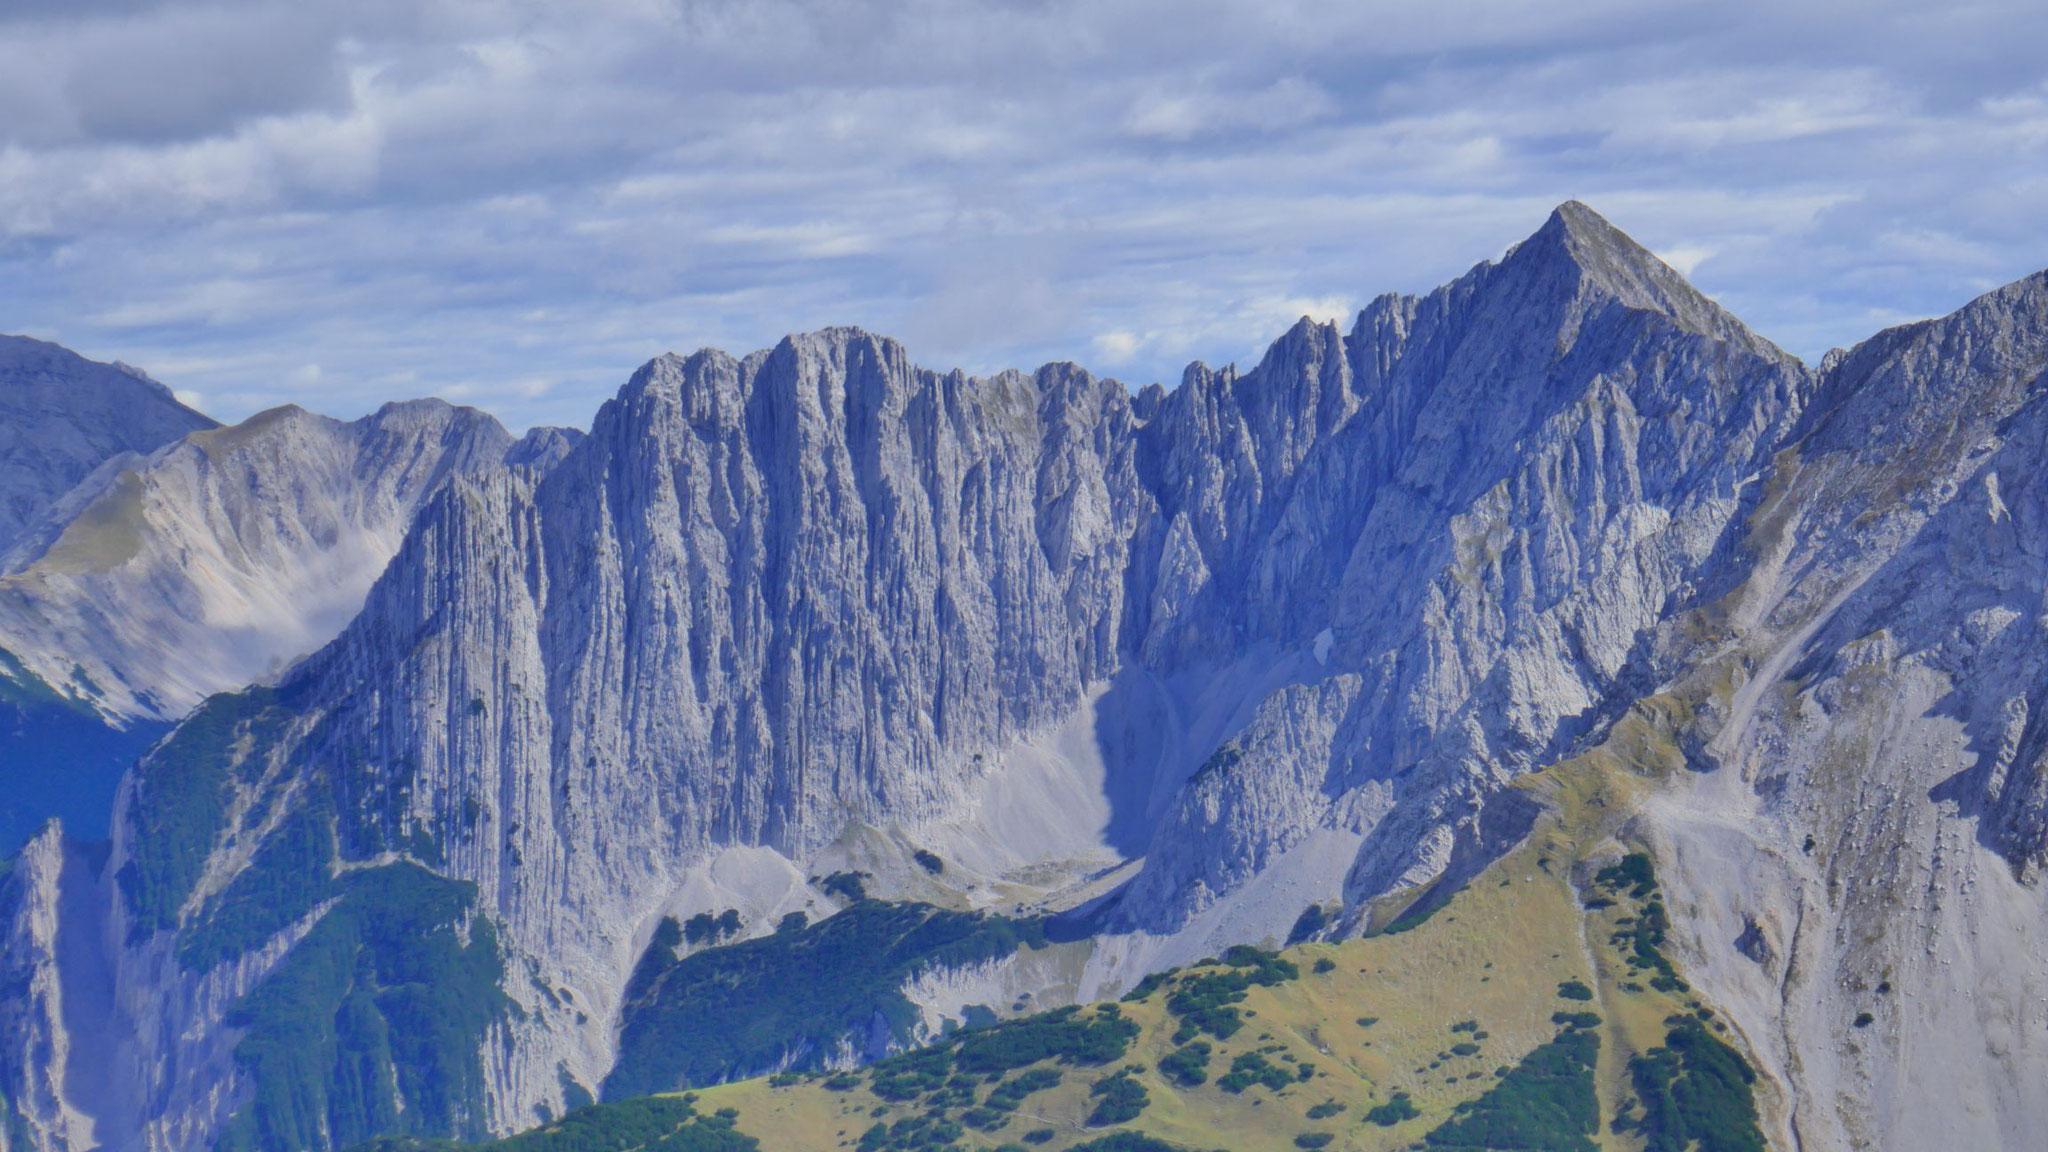 Kumpfkarspitze